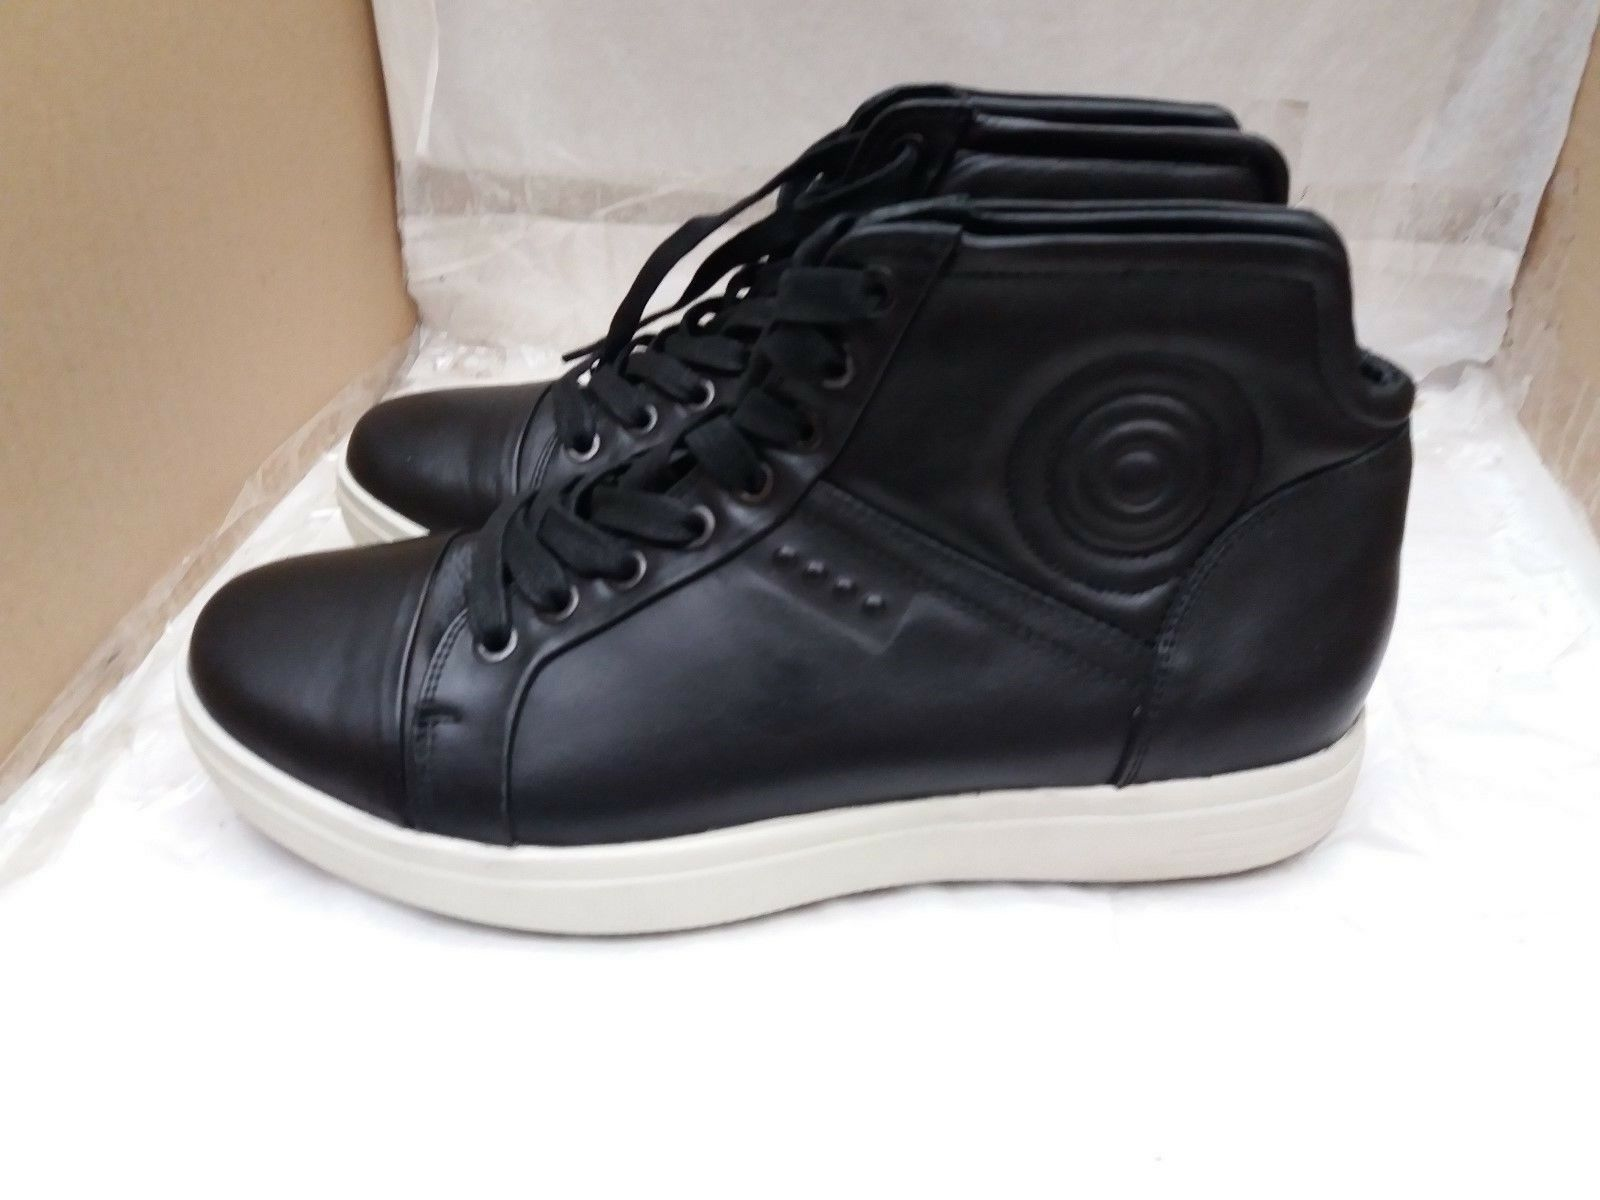 Zapatos casuales salvajes Para hombres Cuero Negro Ecco Suave 7 Hi Top Botas Talla 40 6.5/EU Reino Unido    120